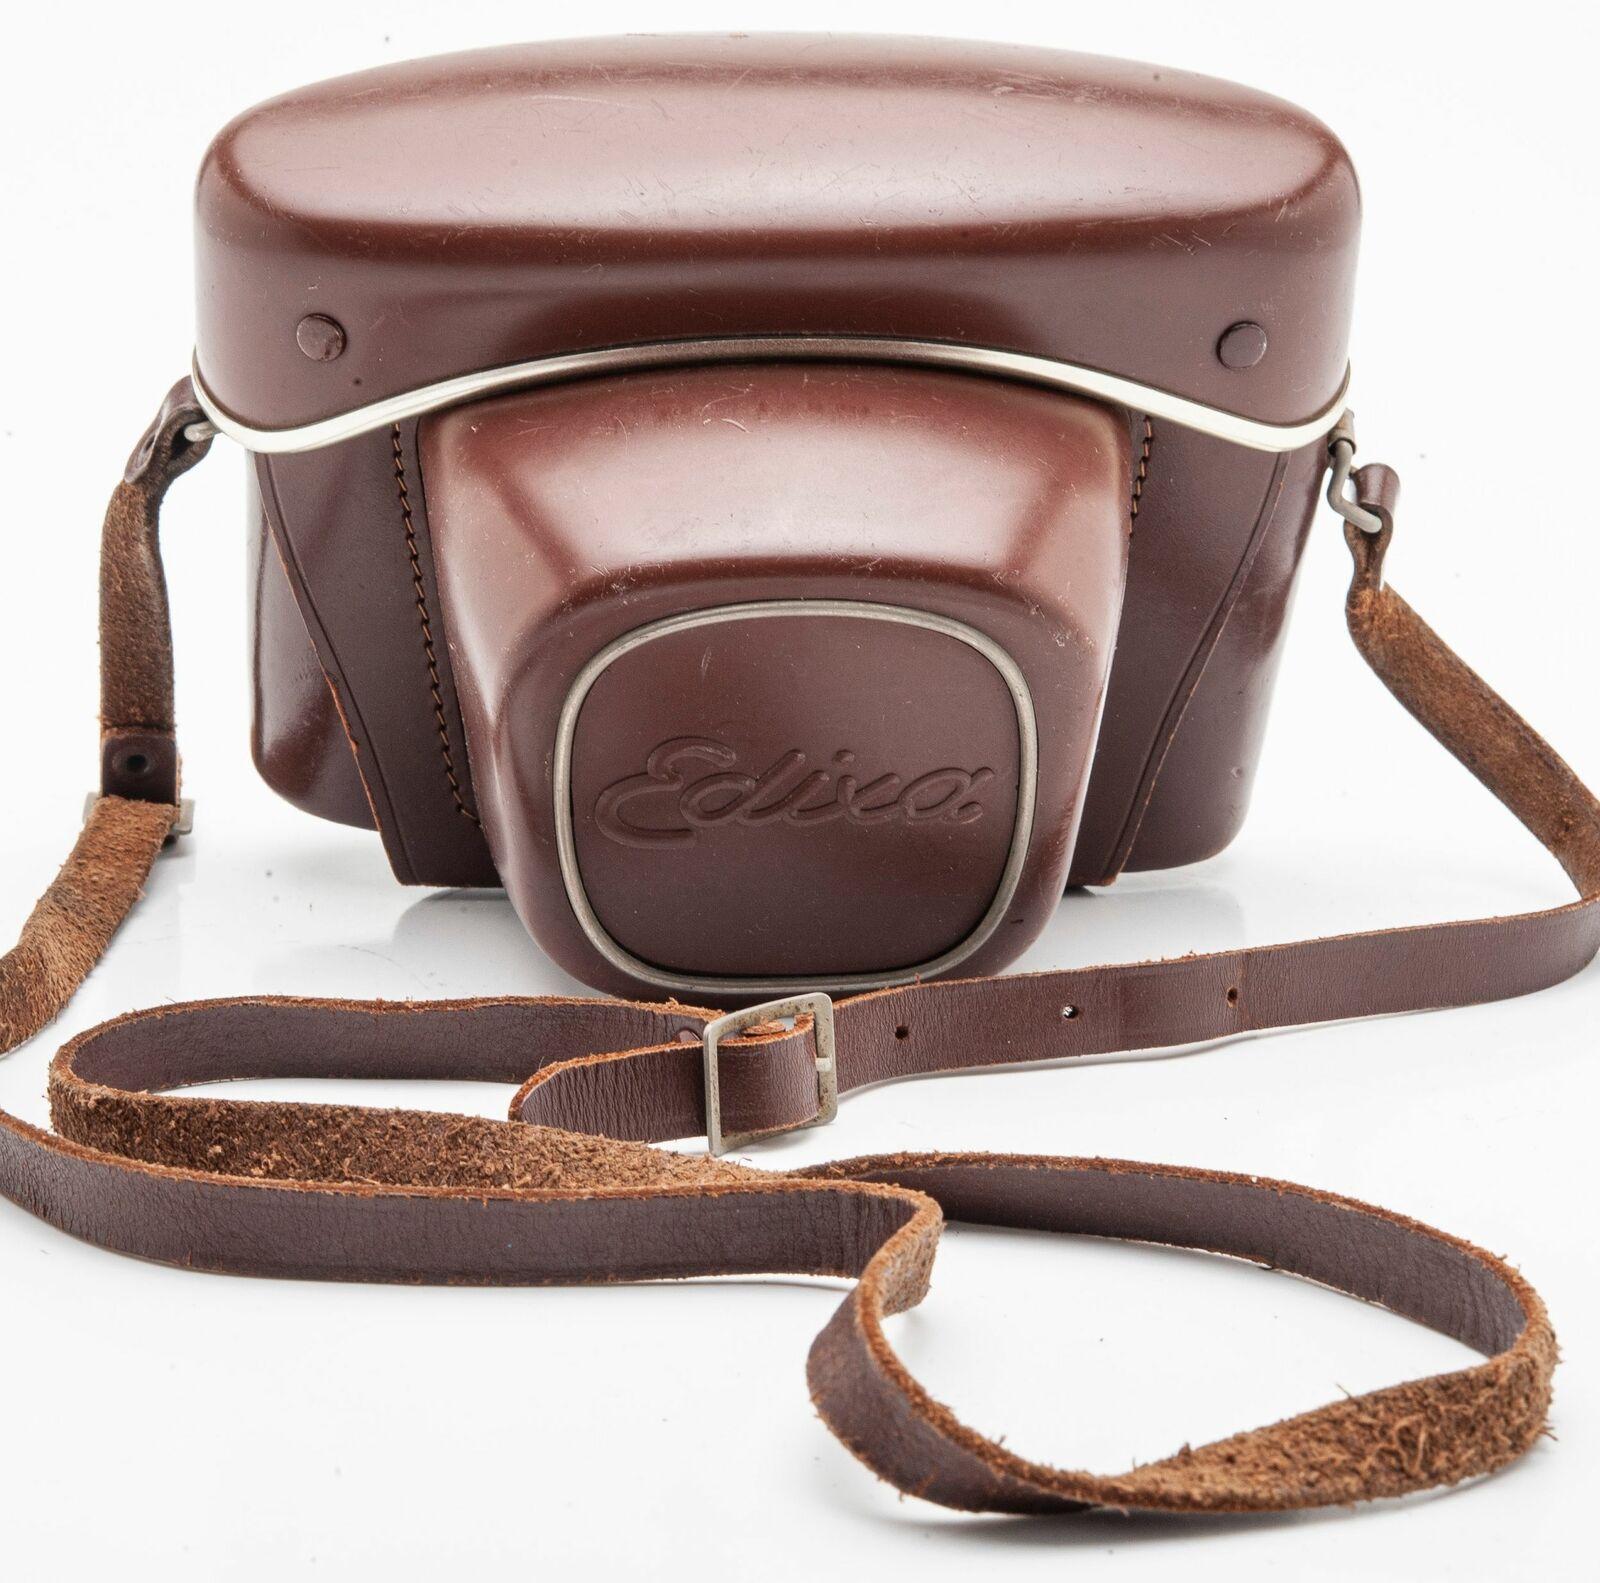 EDIXA standby Bag Camera Bag in Brown for the WIRGIN EDIXA SLR Camera